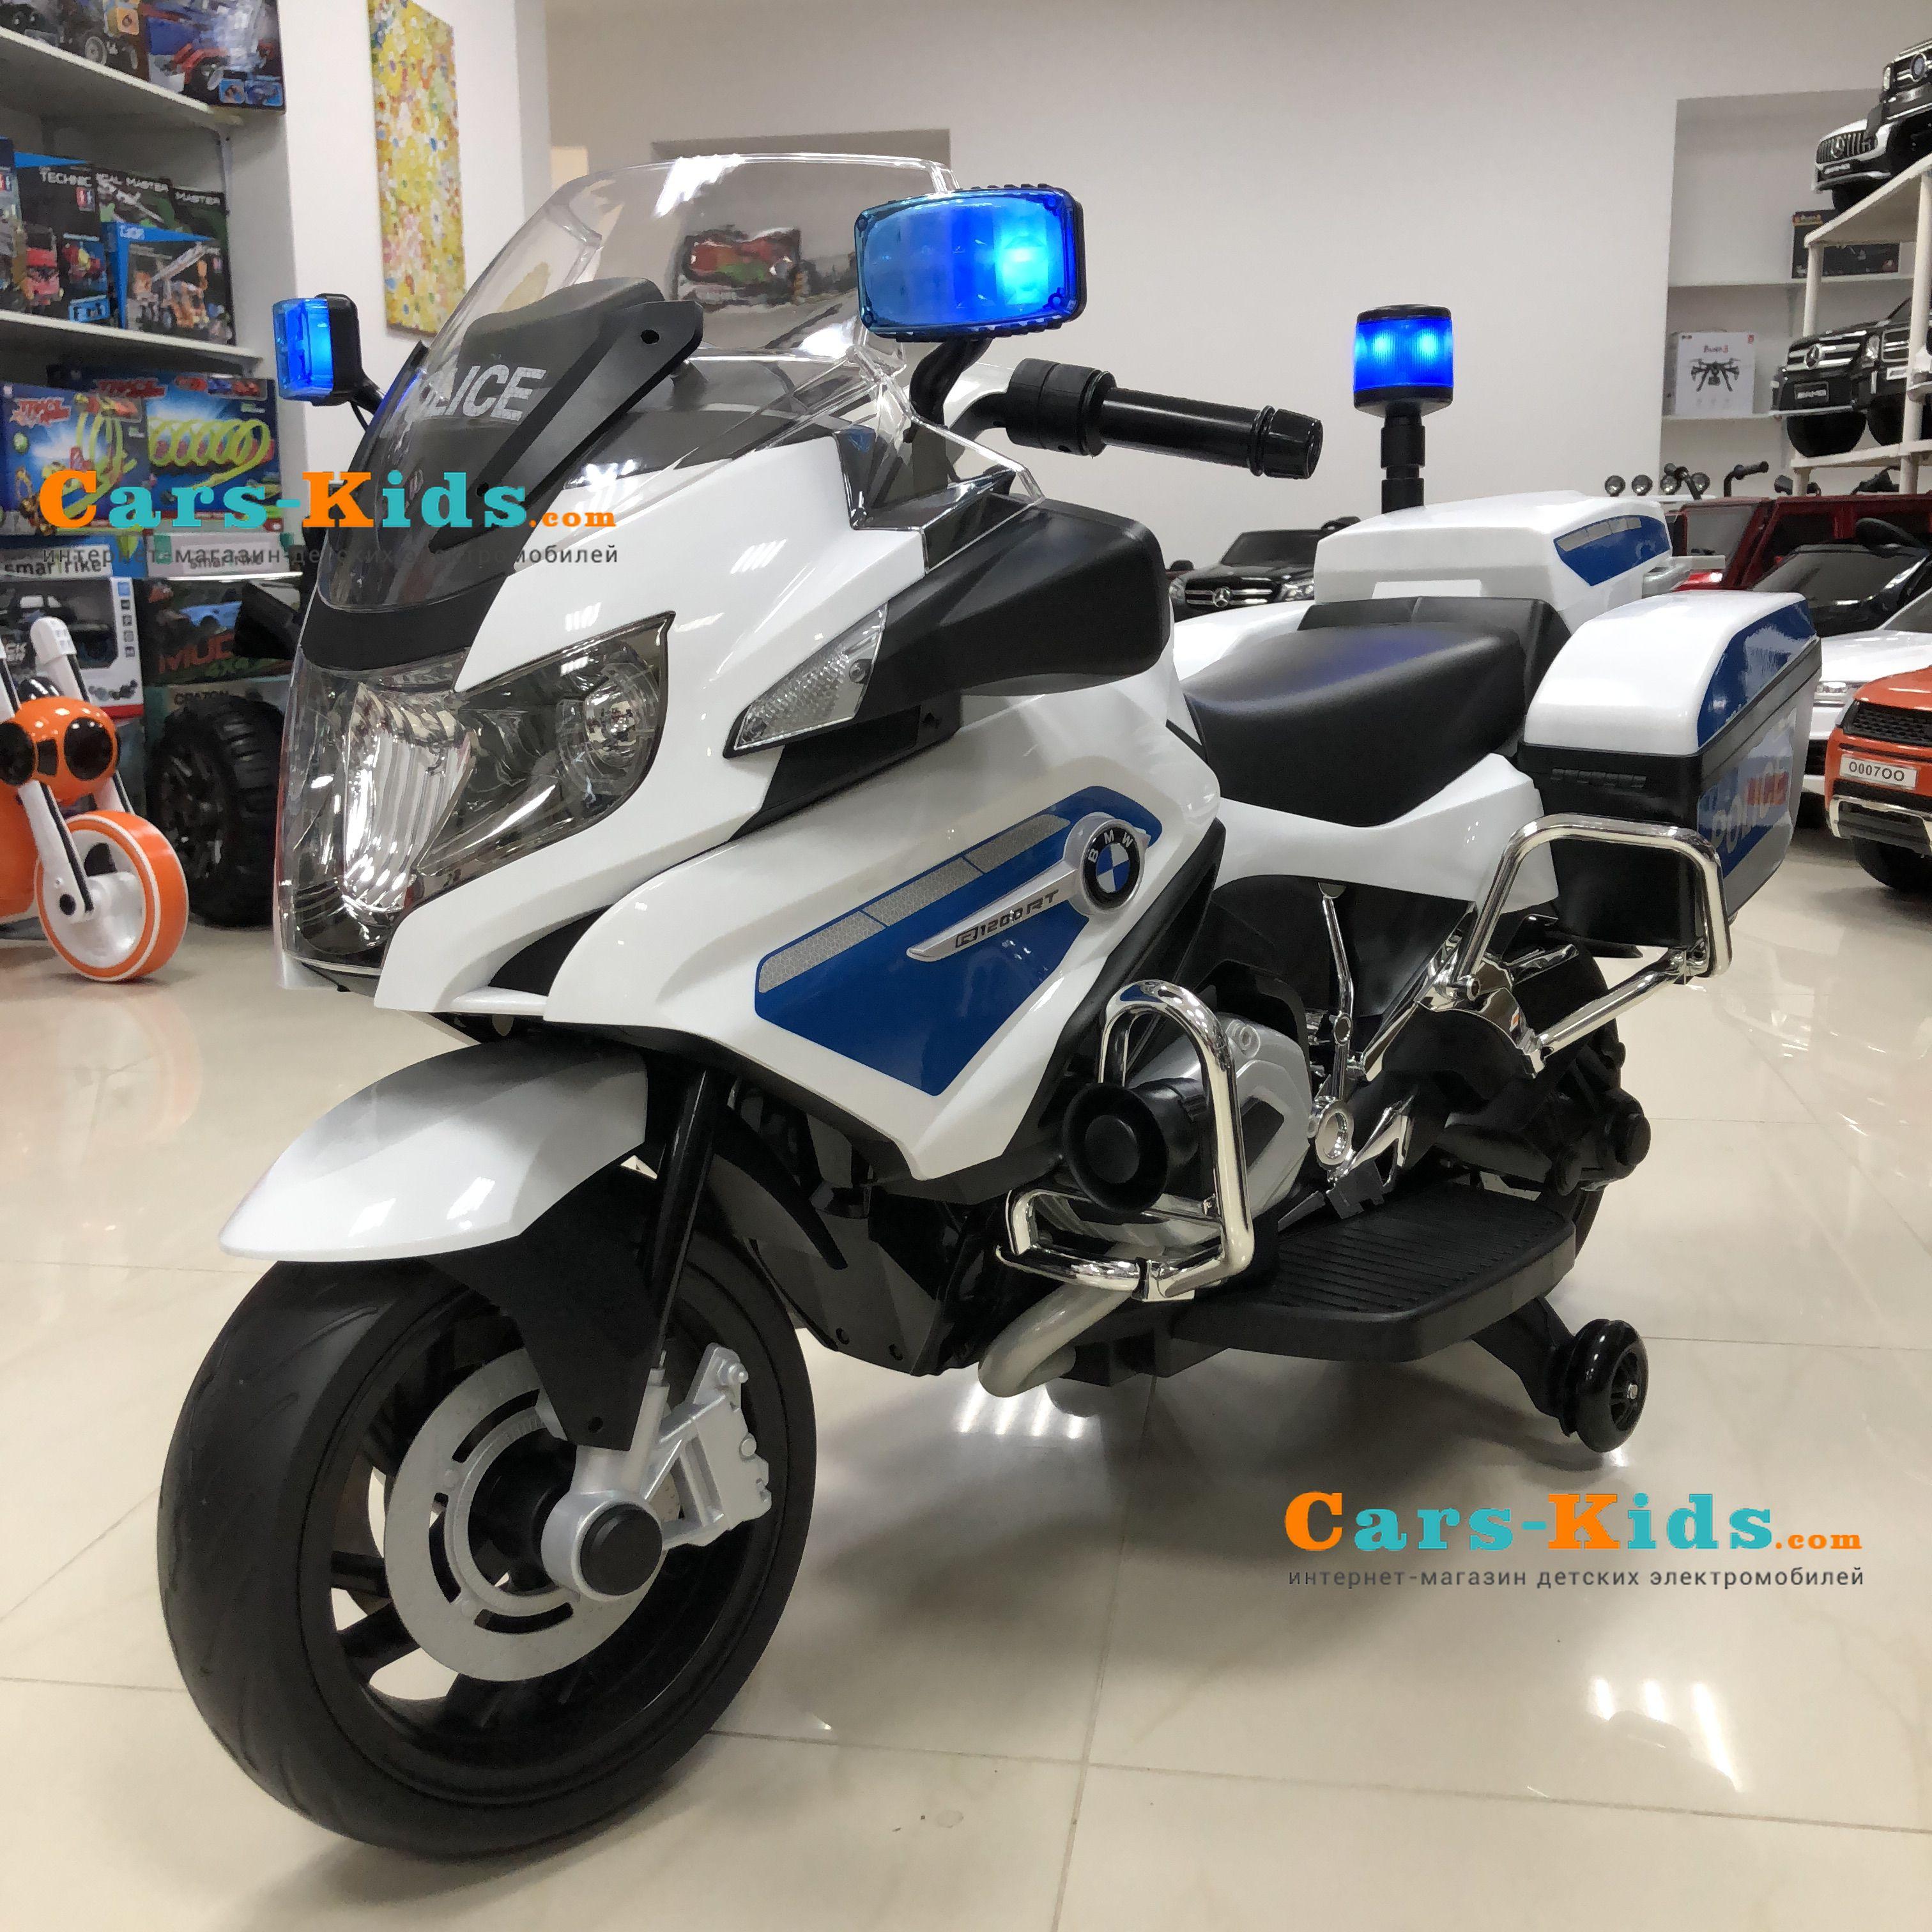 электромотоцикл Bmw R1200rt Police 12v 212 купить в альметьевске